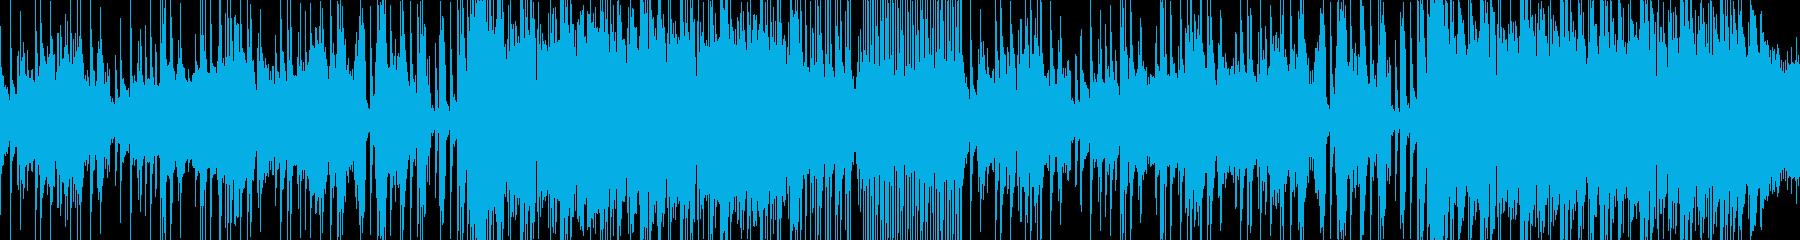 しみじみとした風情の尺八の和風曲ループの再生済みの波形